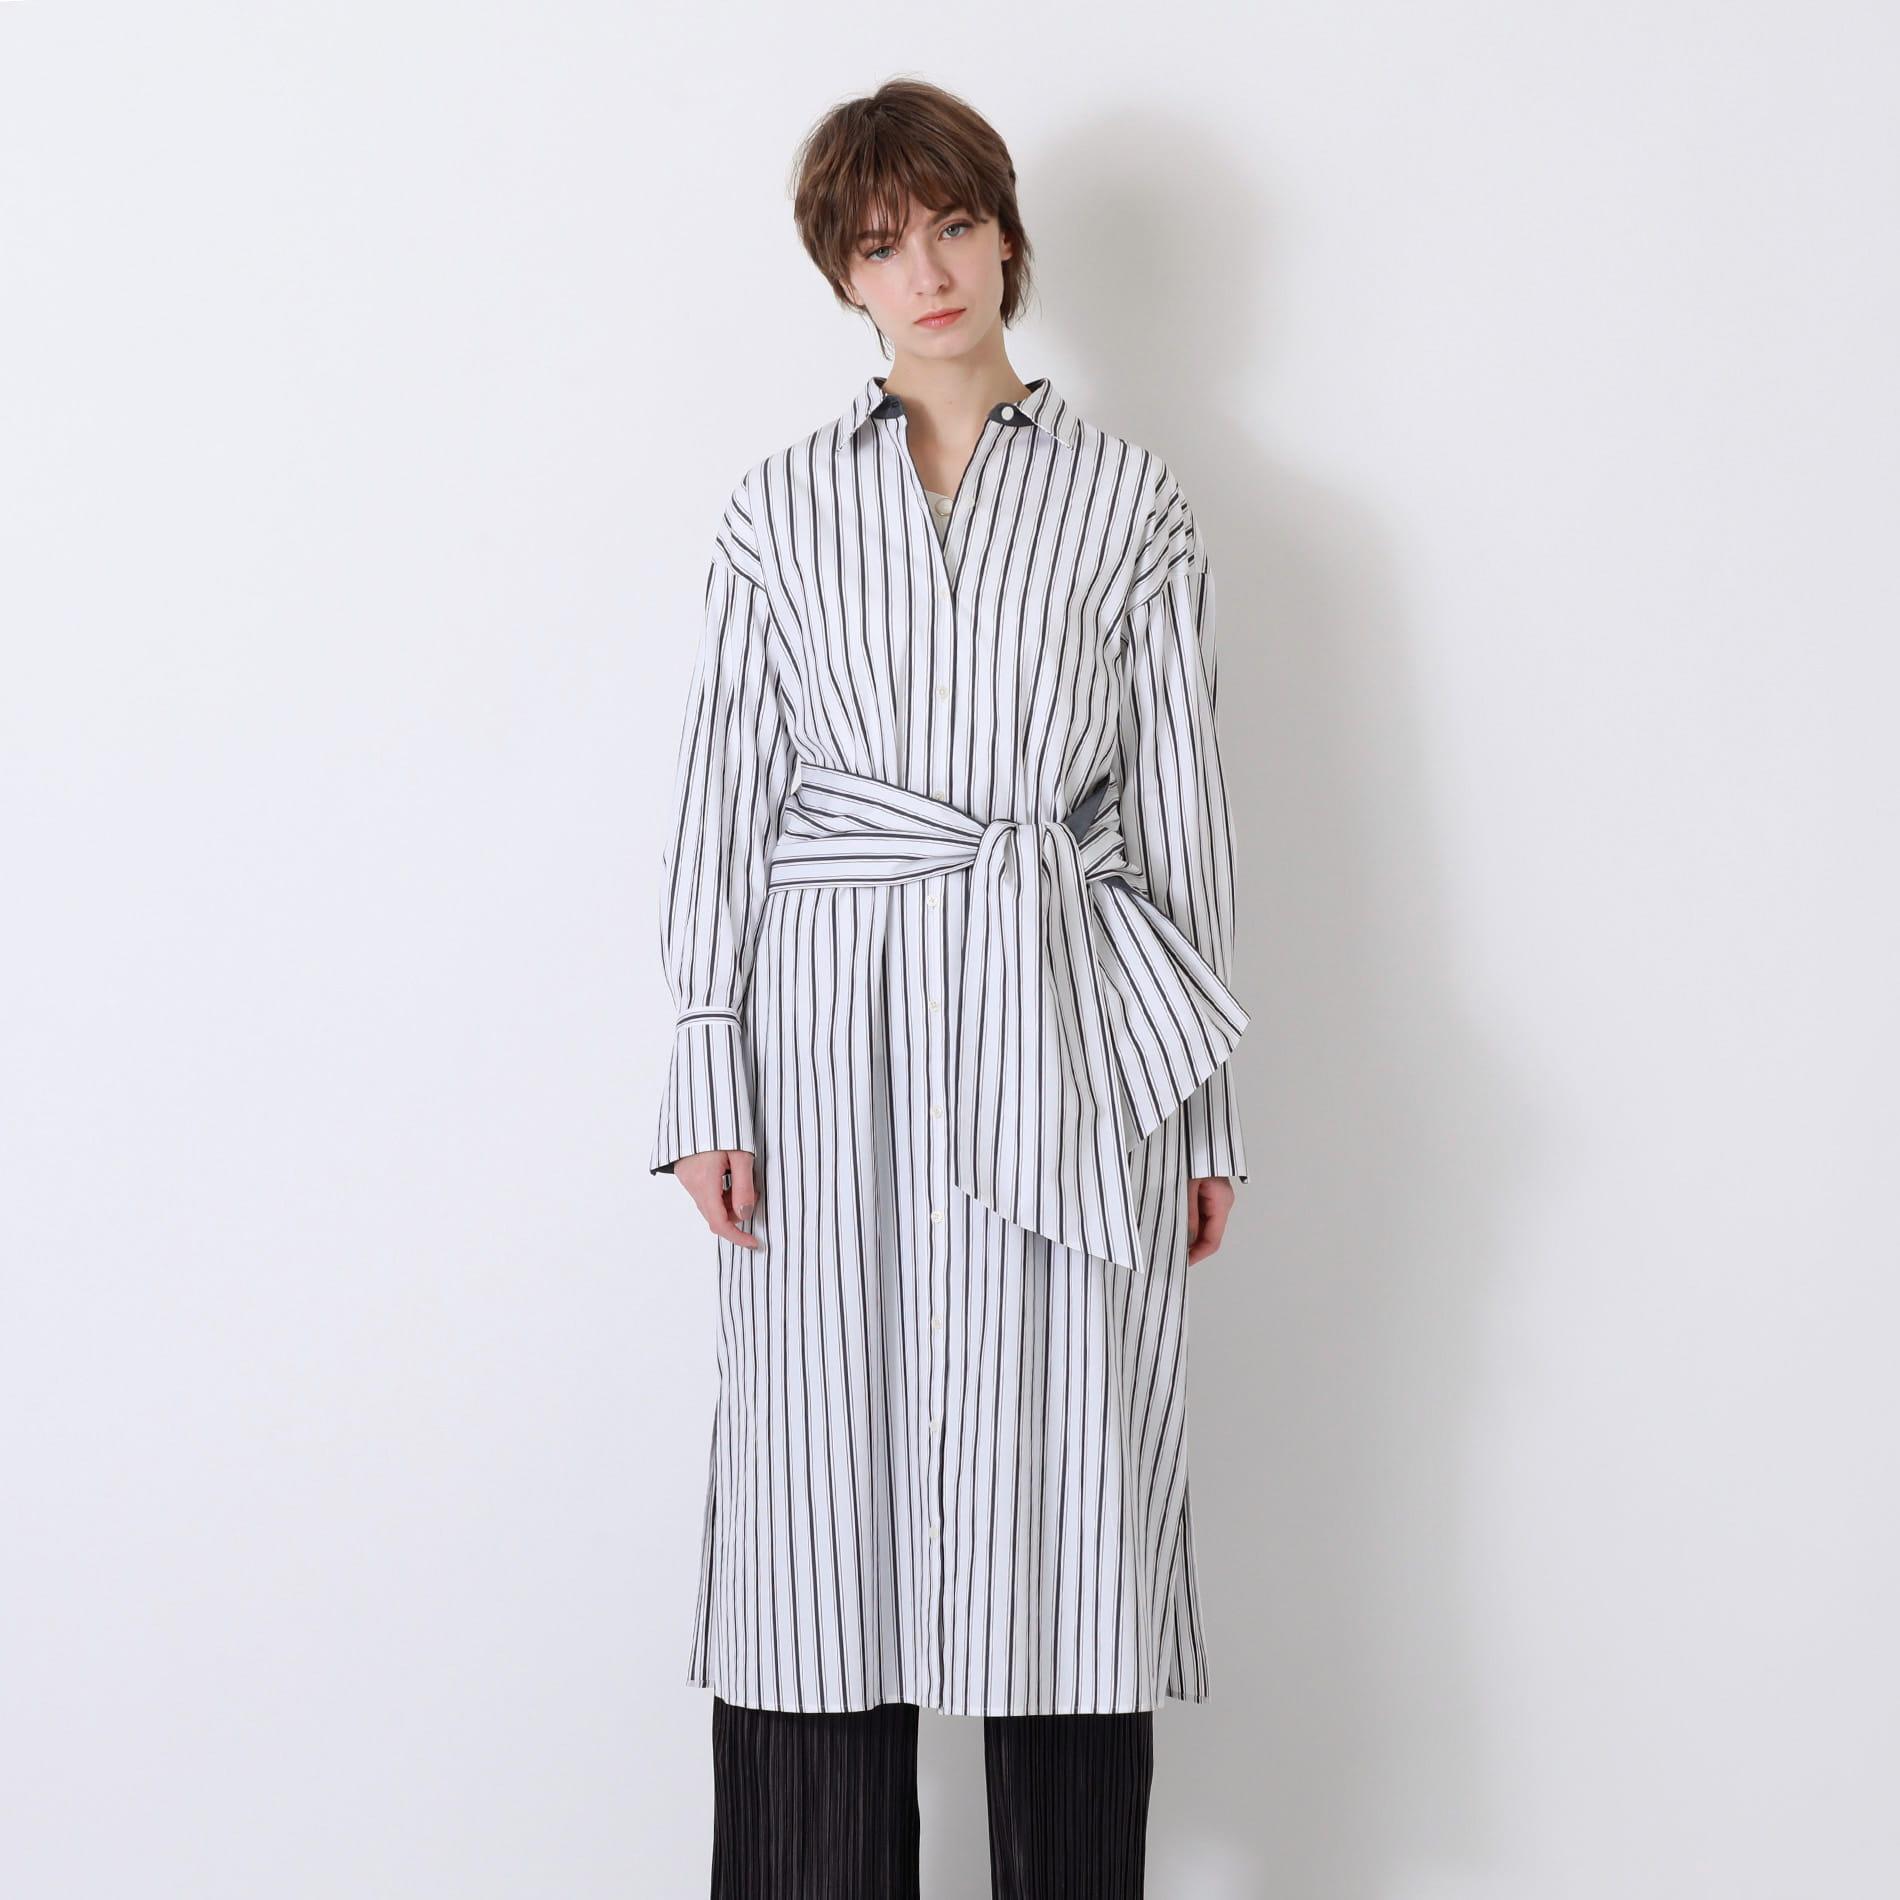 【返品送料無料】ホワイトストライプ ロング シャツ ドレス